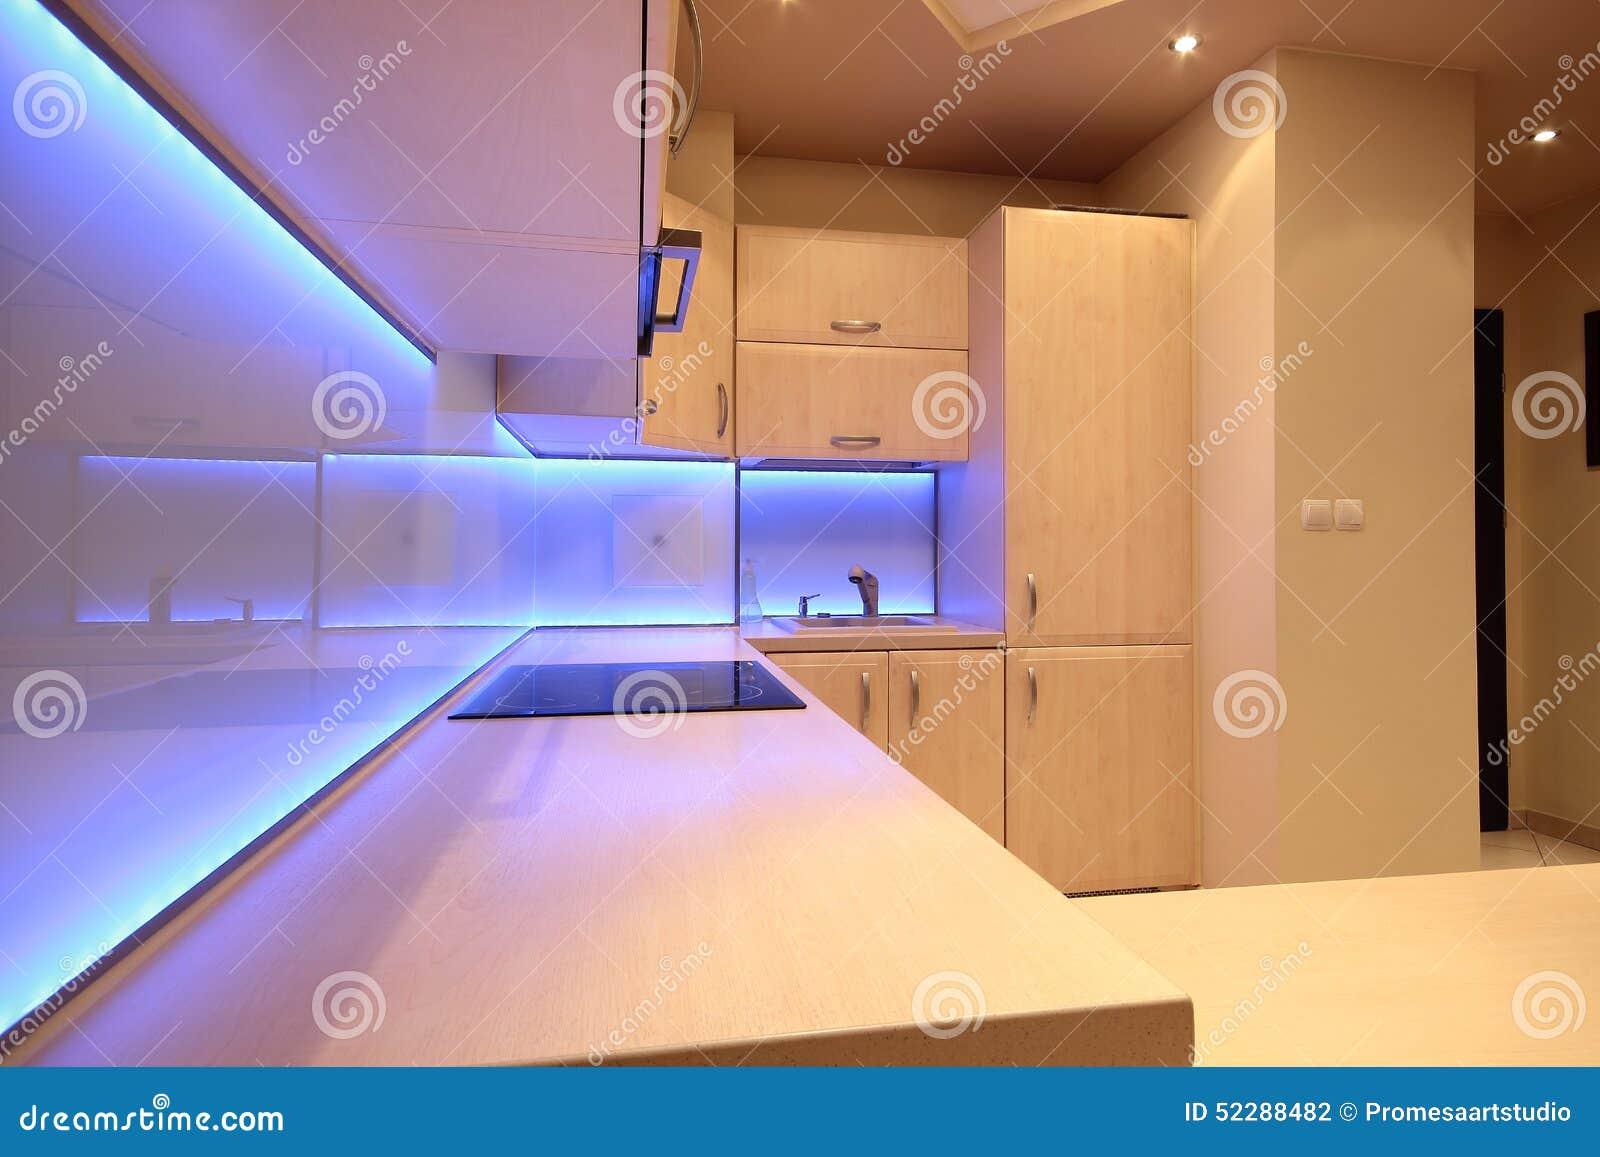 Cucina di lusso moderna con illuminazione porpora del led fotografia stock immagine di interno - Illuminazione cucina moderna ...